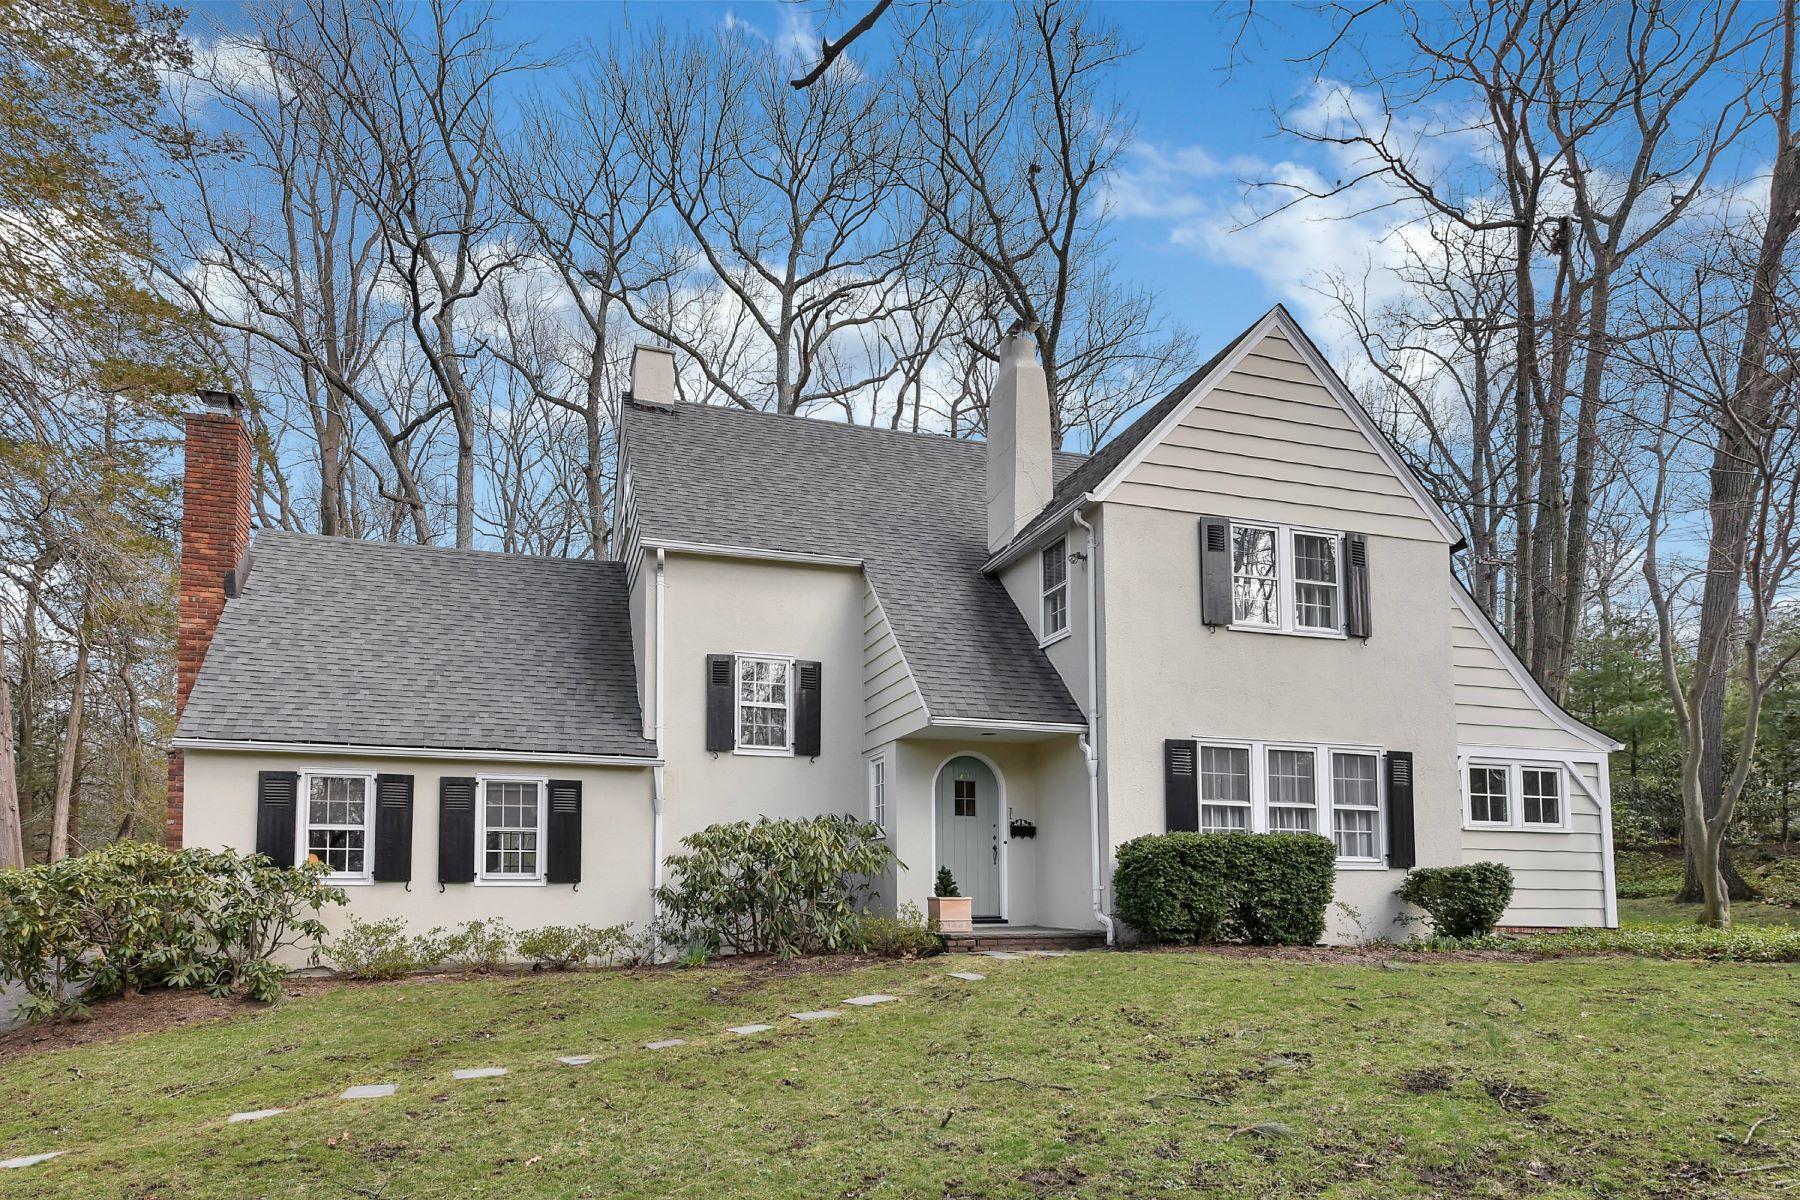 Casa Unifamiliar por un Venta en Lovely Englewood Colonial! 231 Davison Place Englewood, Nueva Jersey, 07631 Estados Unidos